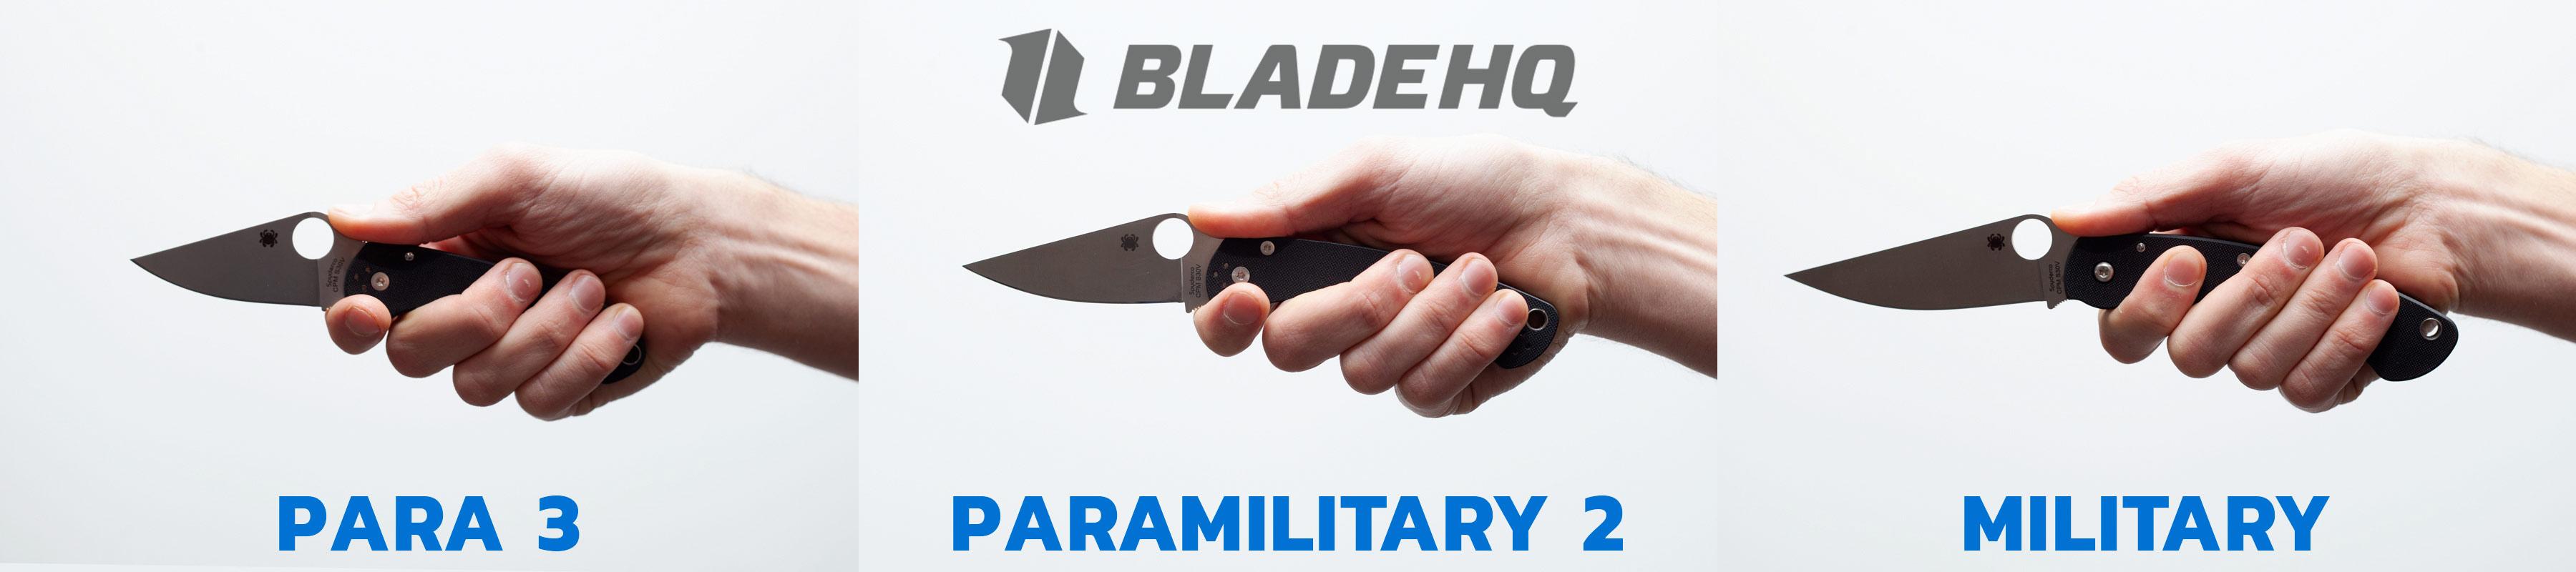 Paramilitary 2, Military, and Para 3 Size